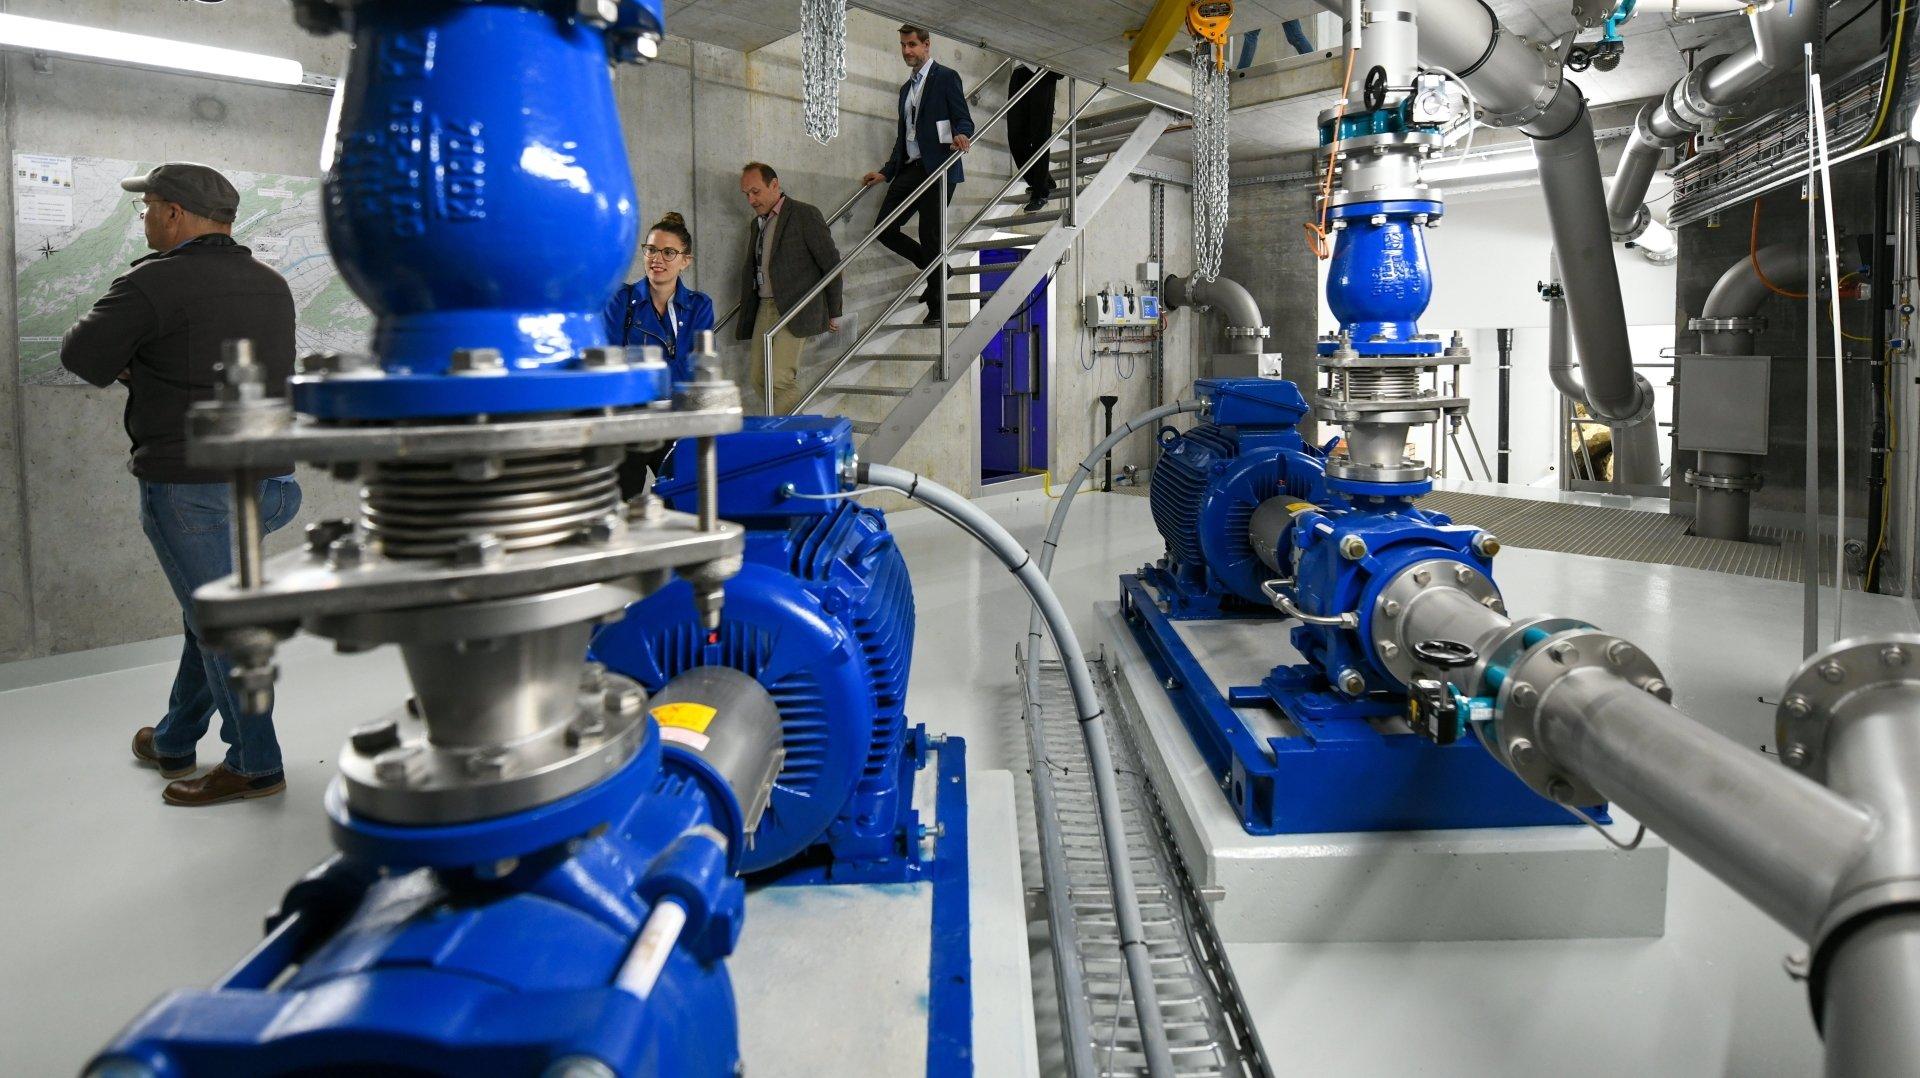 Neuchâtel: un réservoir d'eau remis à neuf